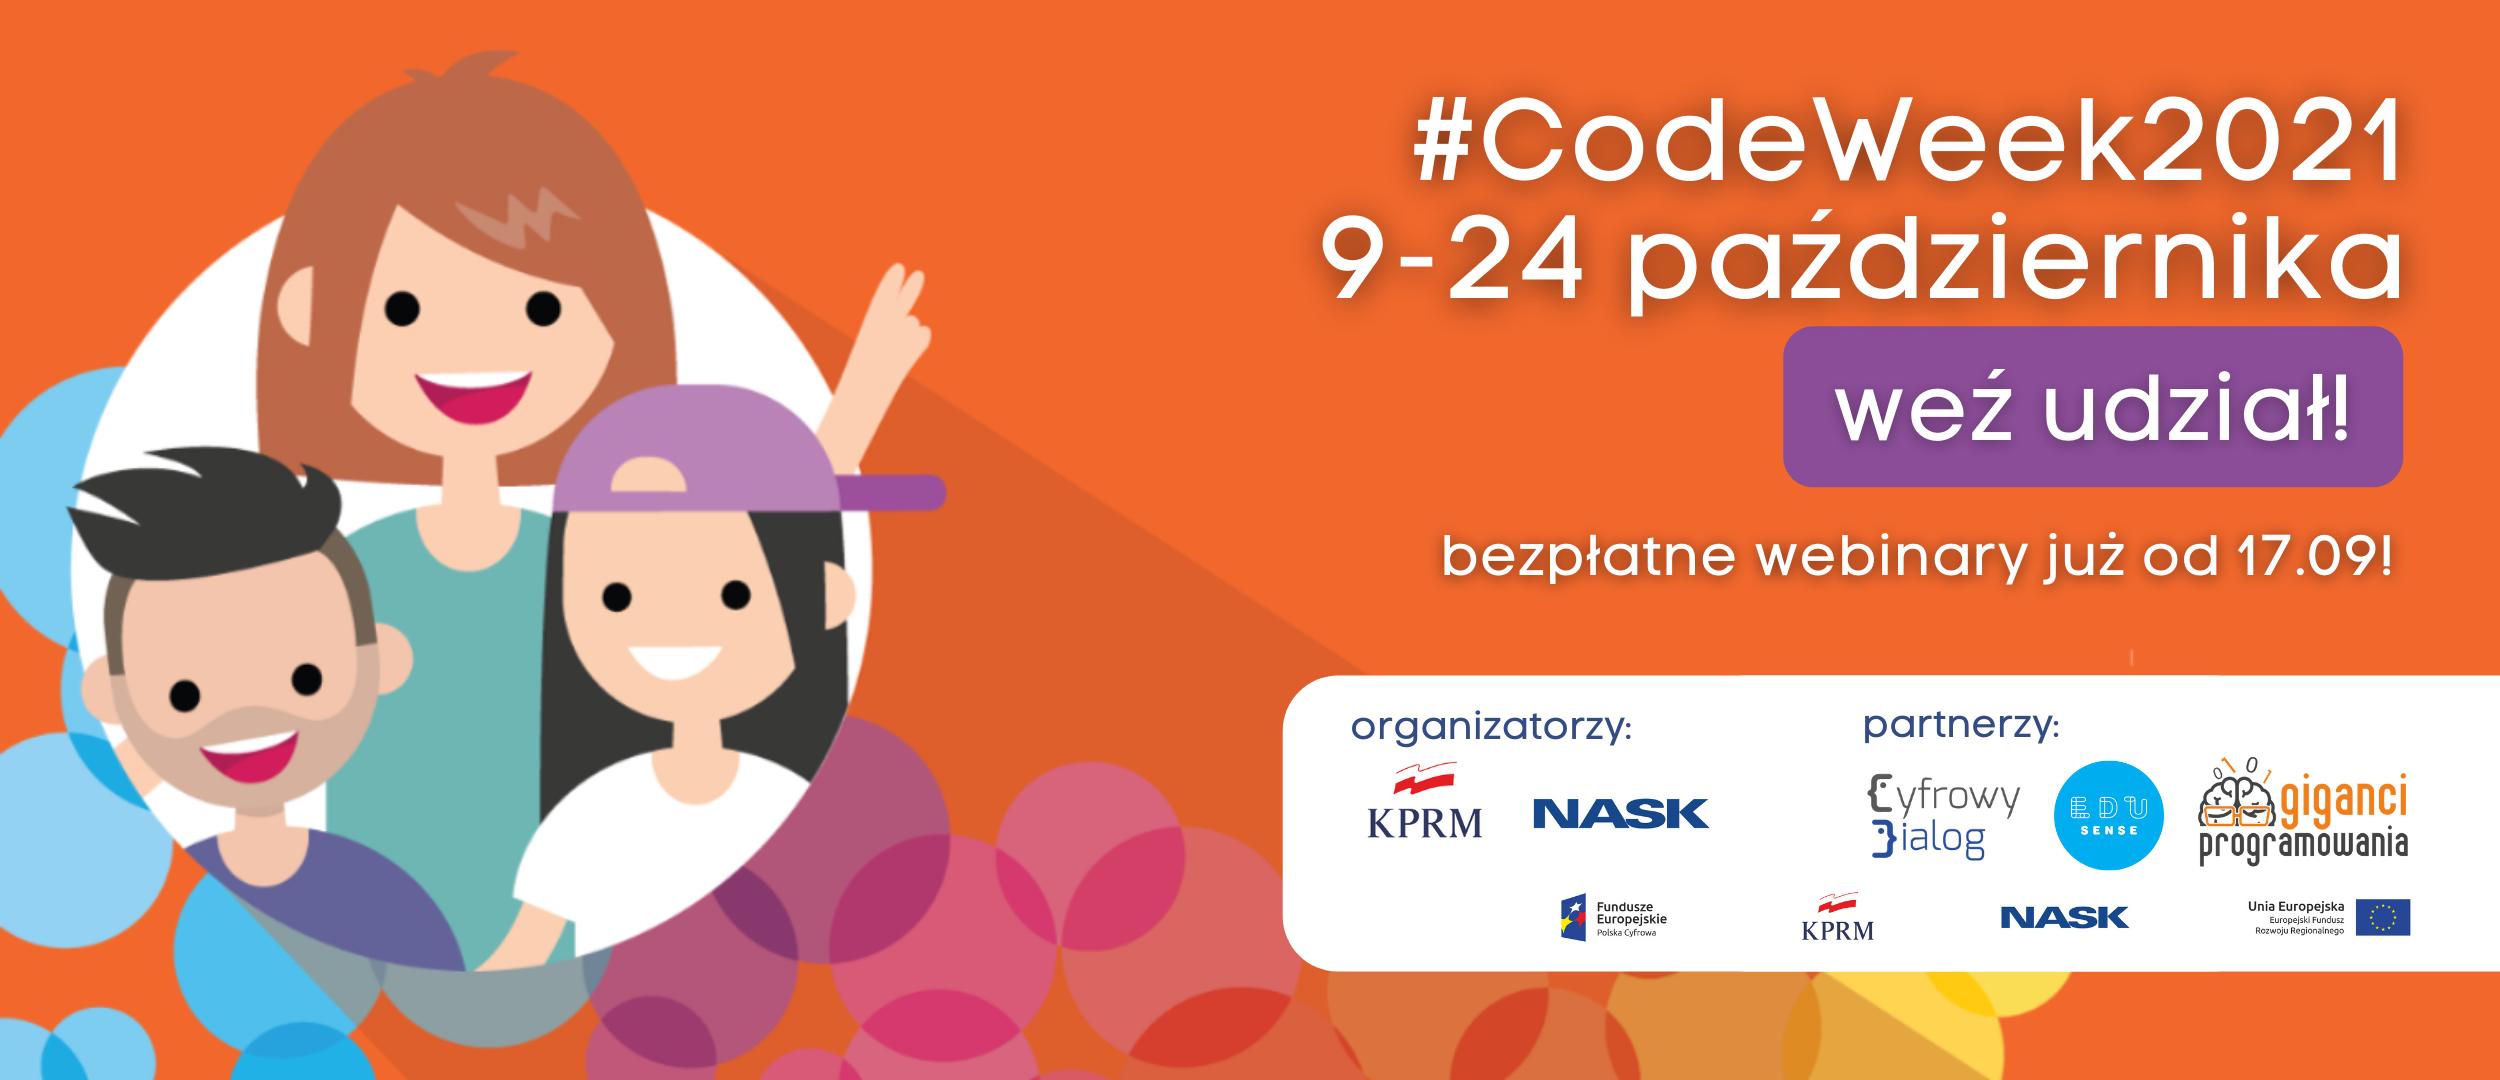 Code Week 2021